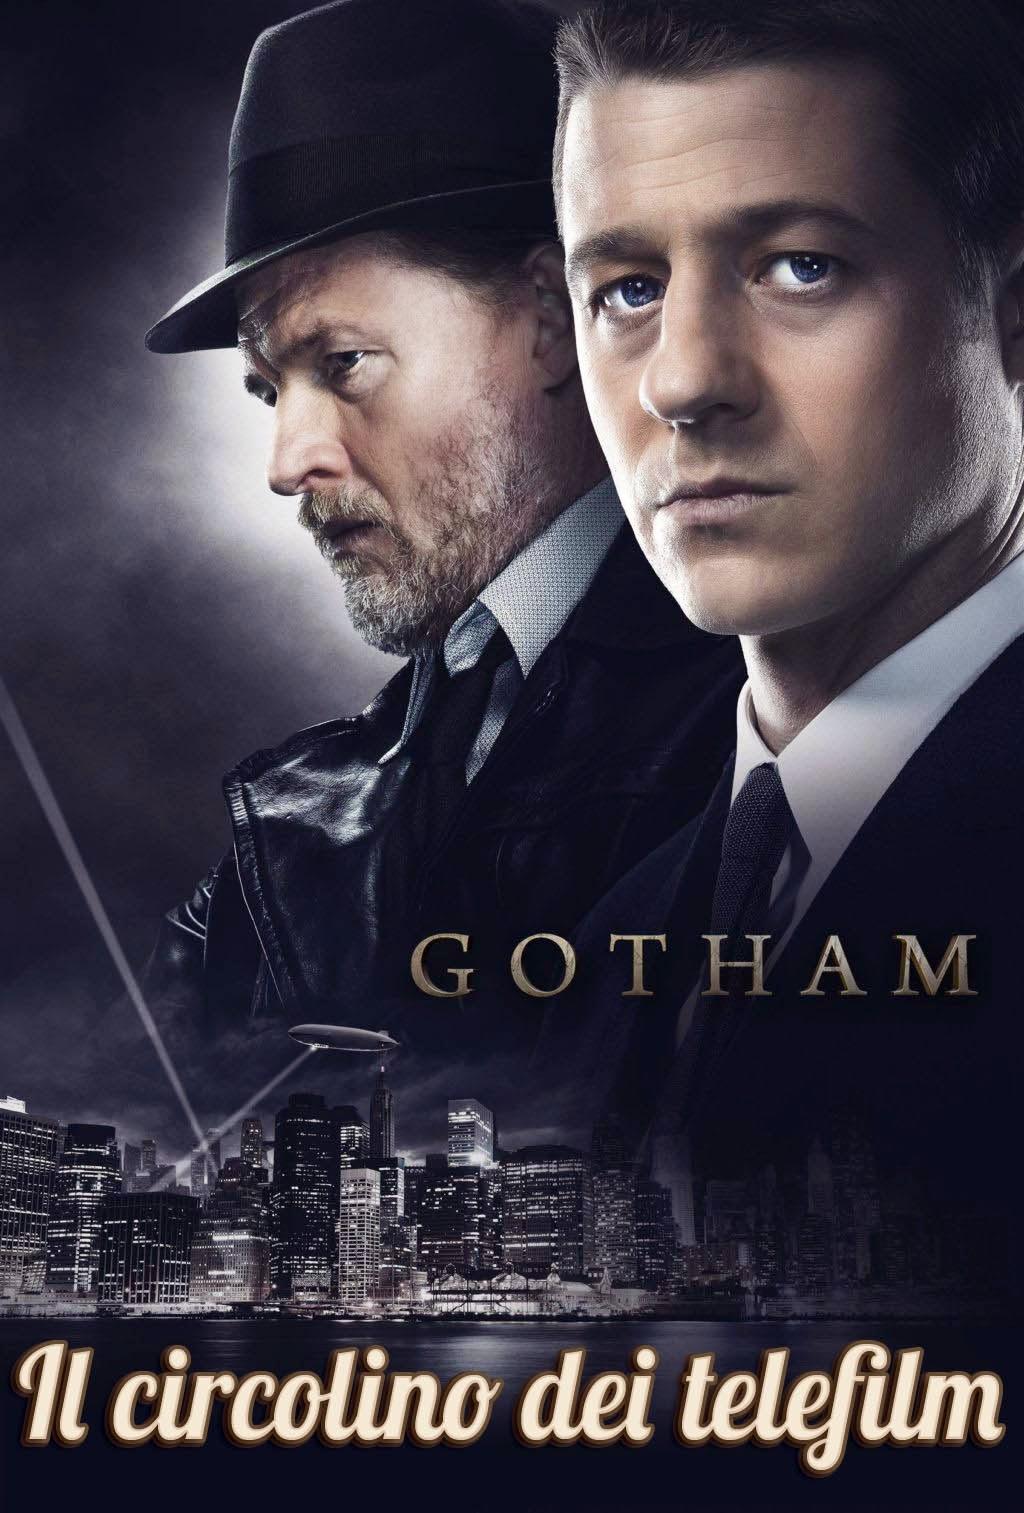 Gotham S01e01 pilota